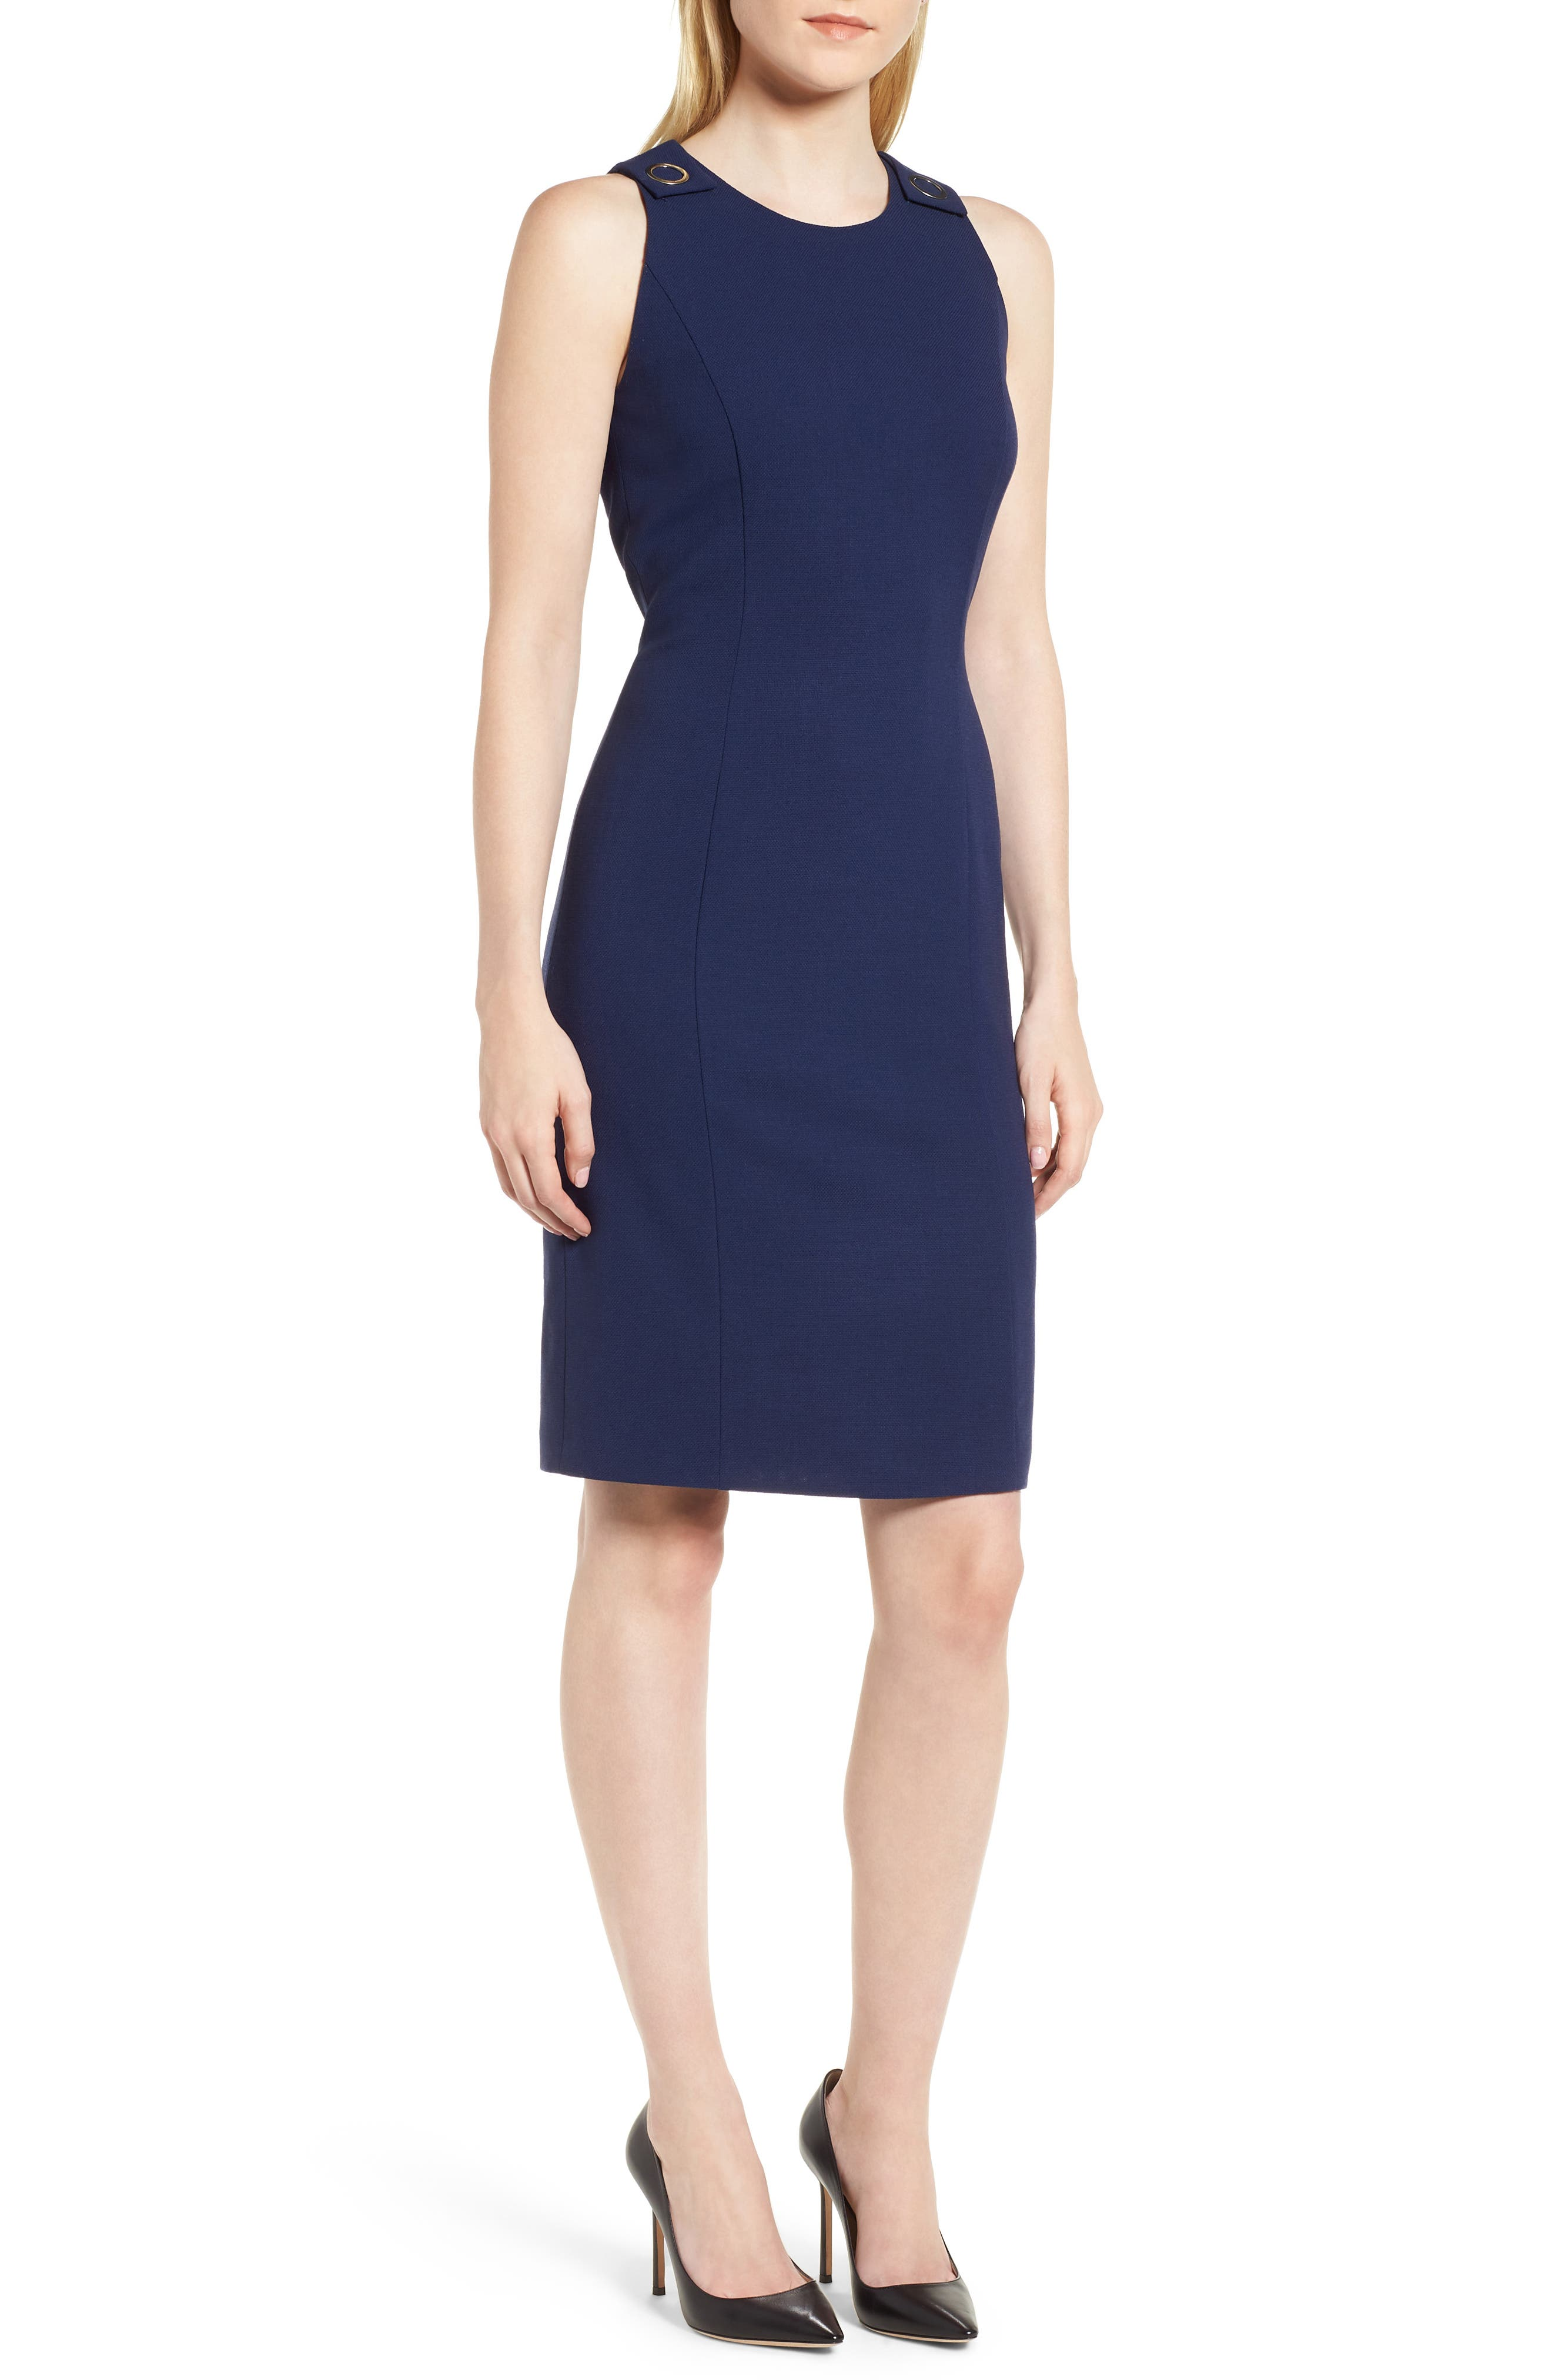 Dibalena Texture Stretch Dress,                         Main,                         color, Nautical